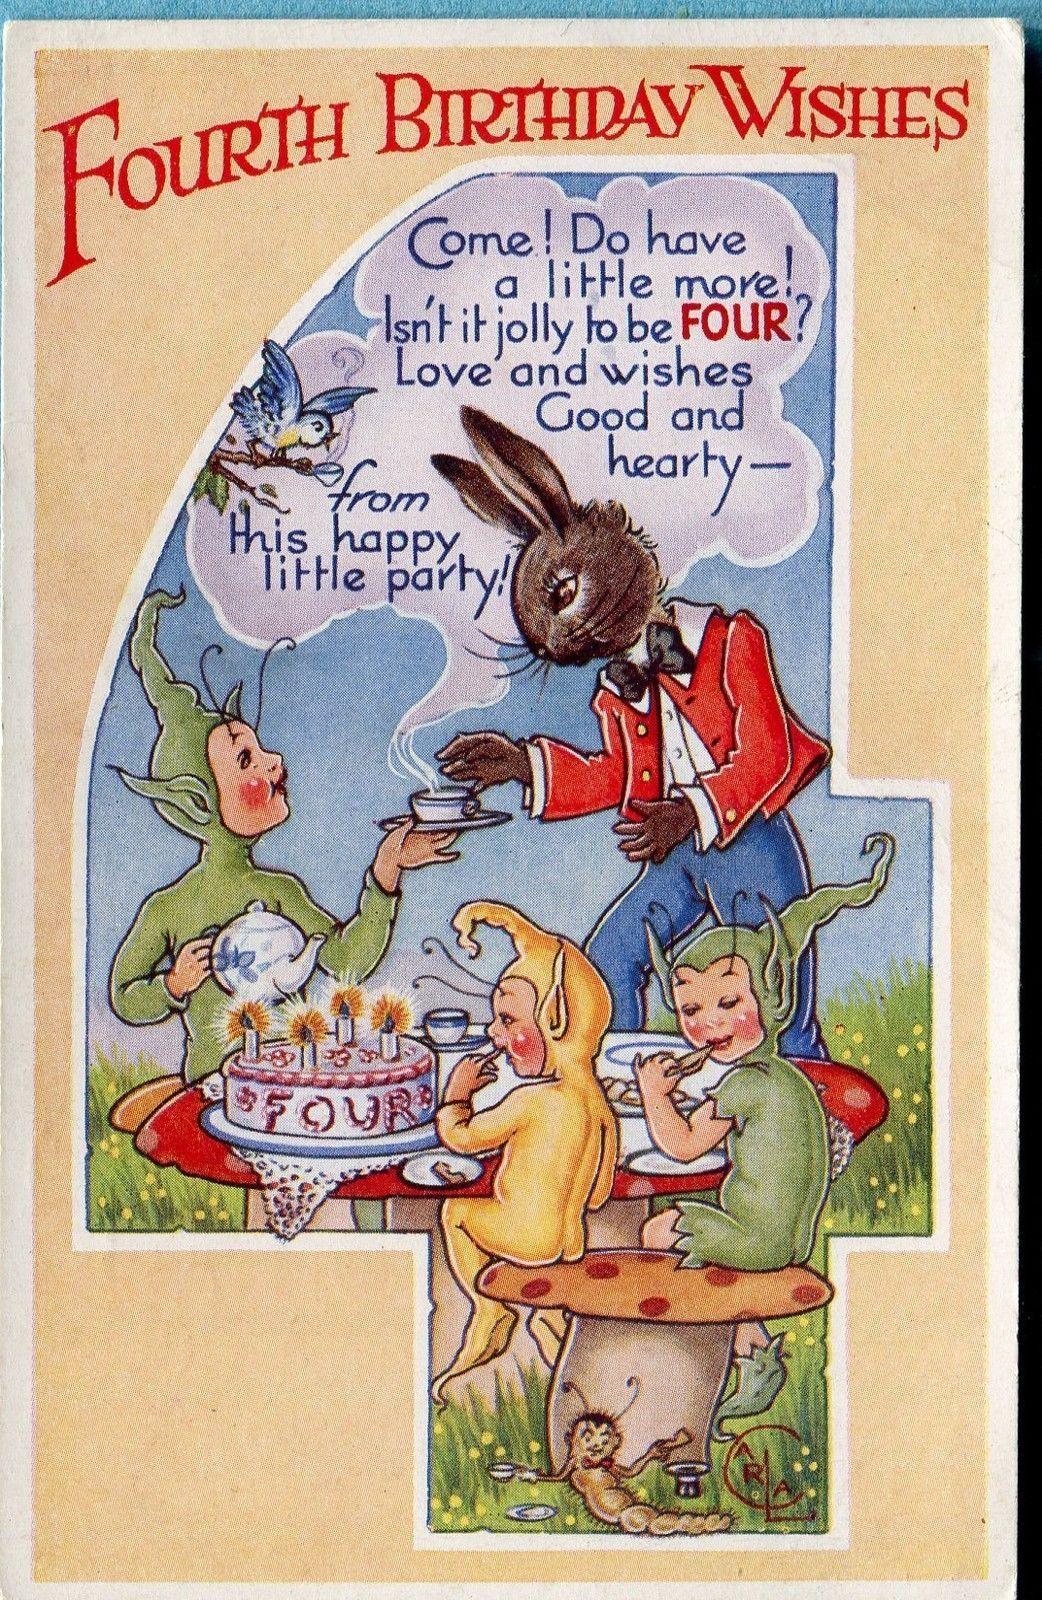 vintage card signed 'carla'  ebay  fourth birthday